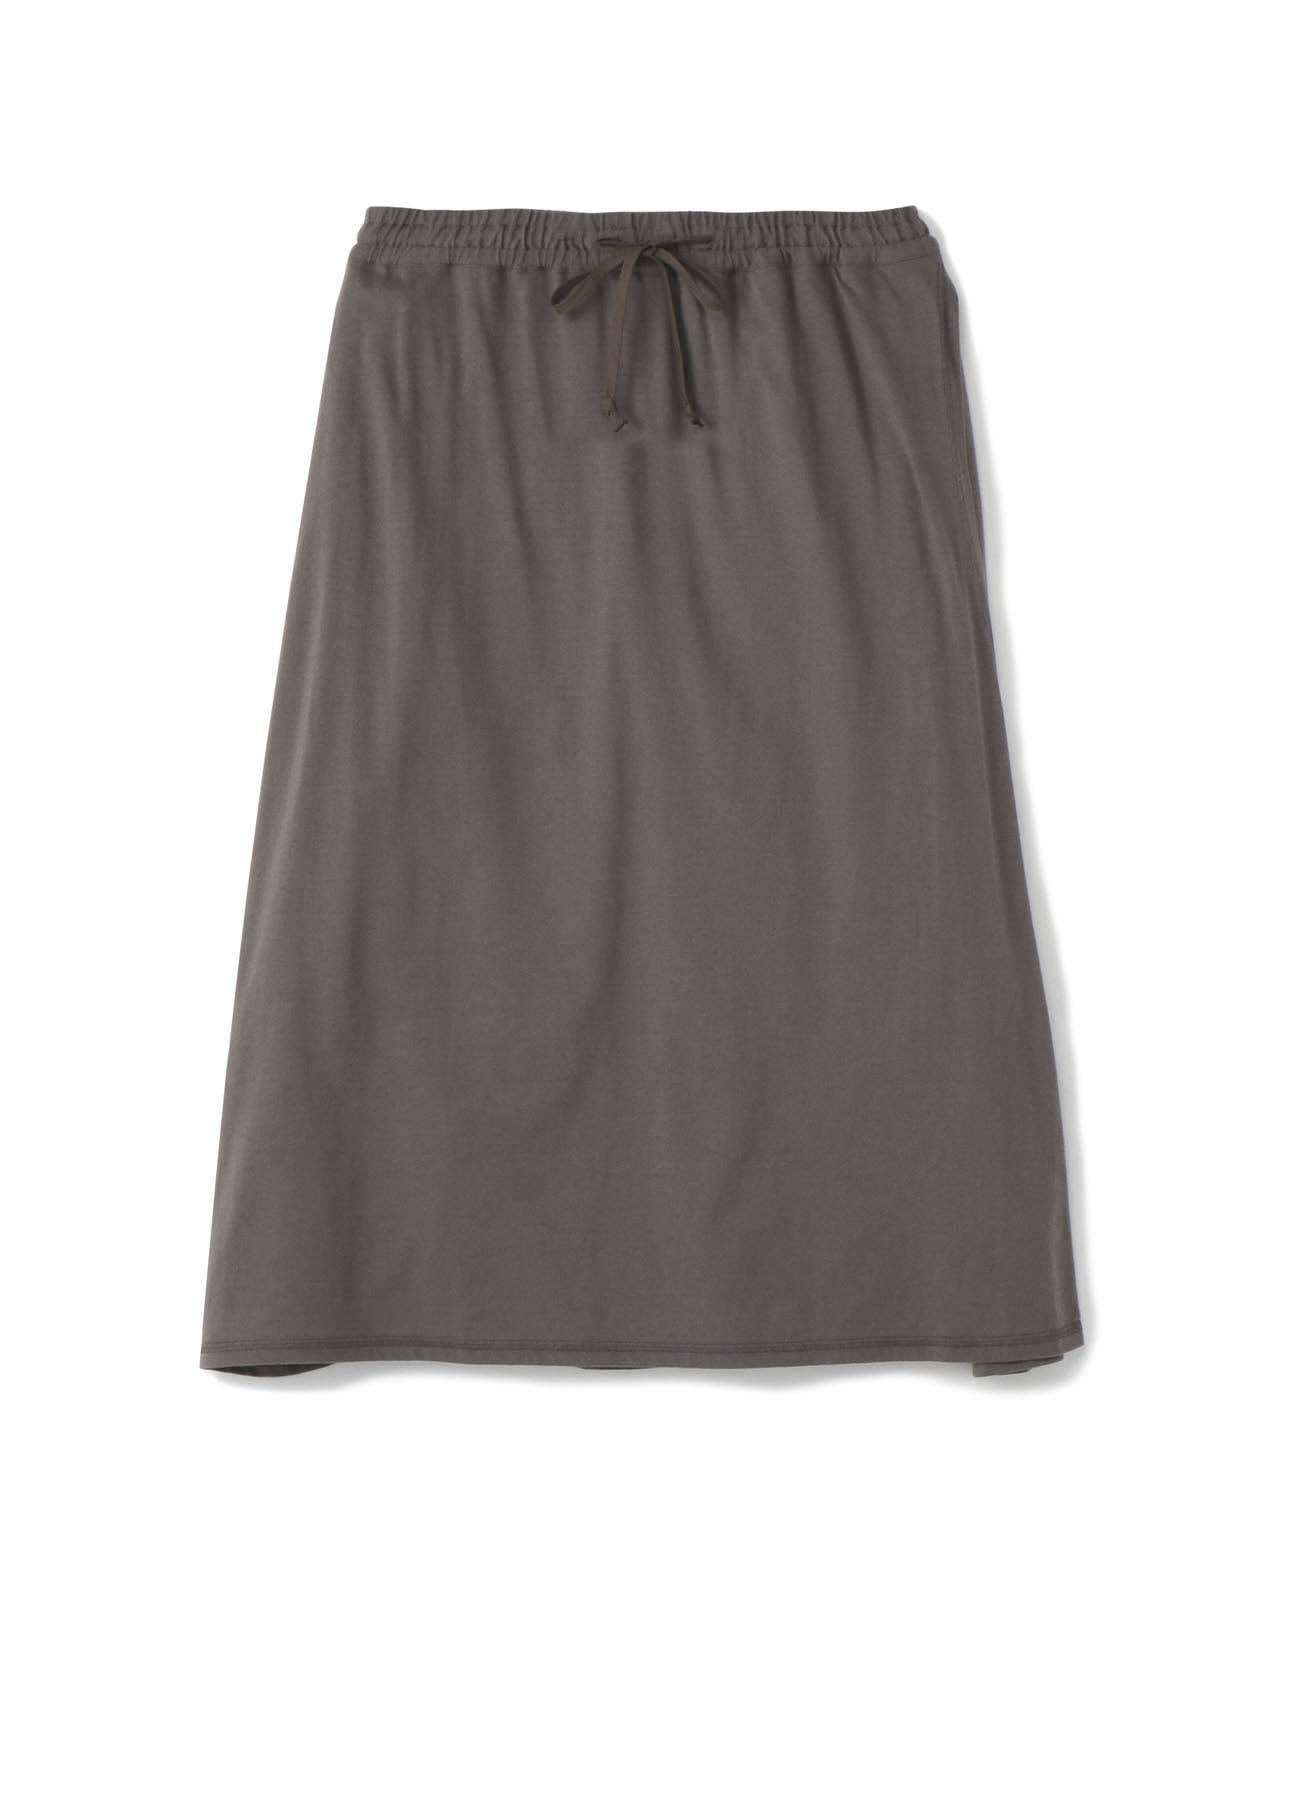 0/2纯棉平纹针织内搭裤分层裙